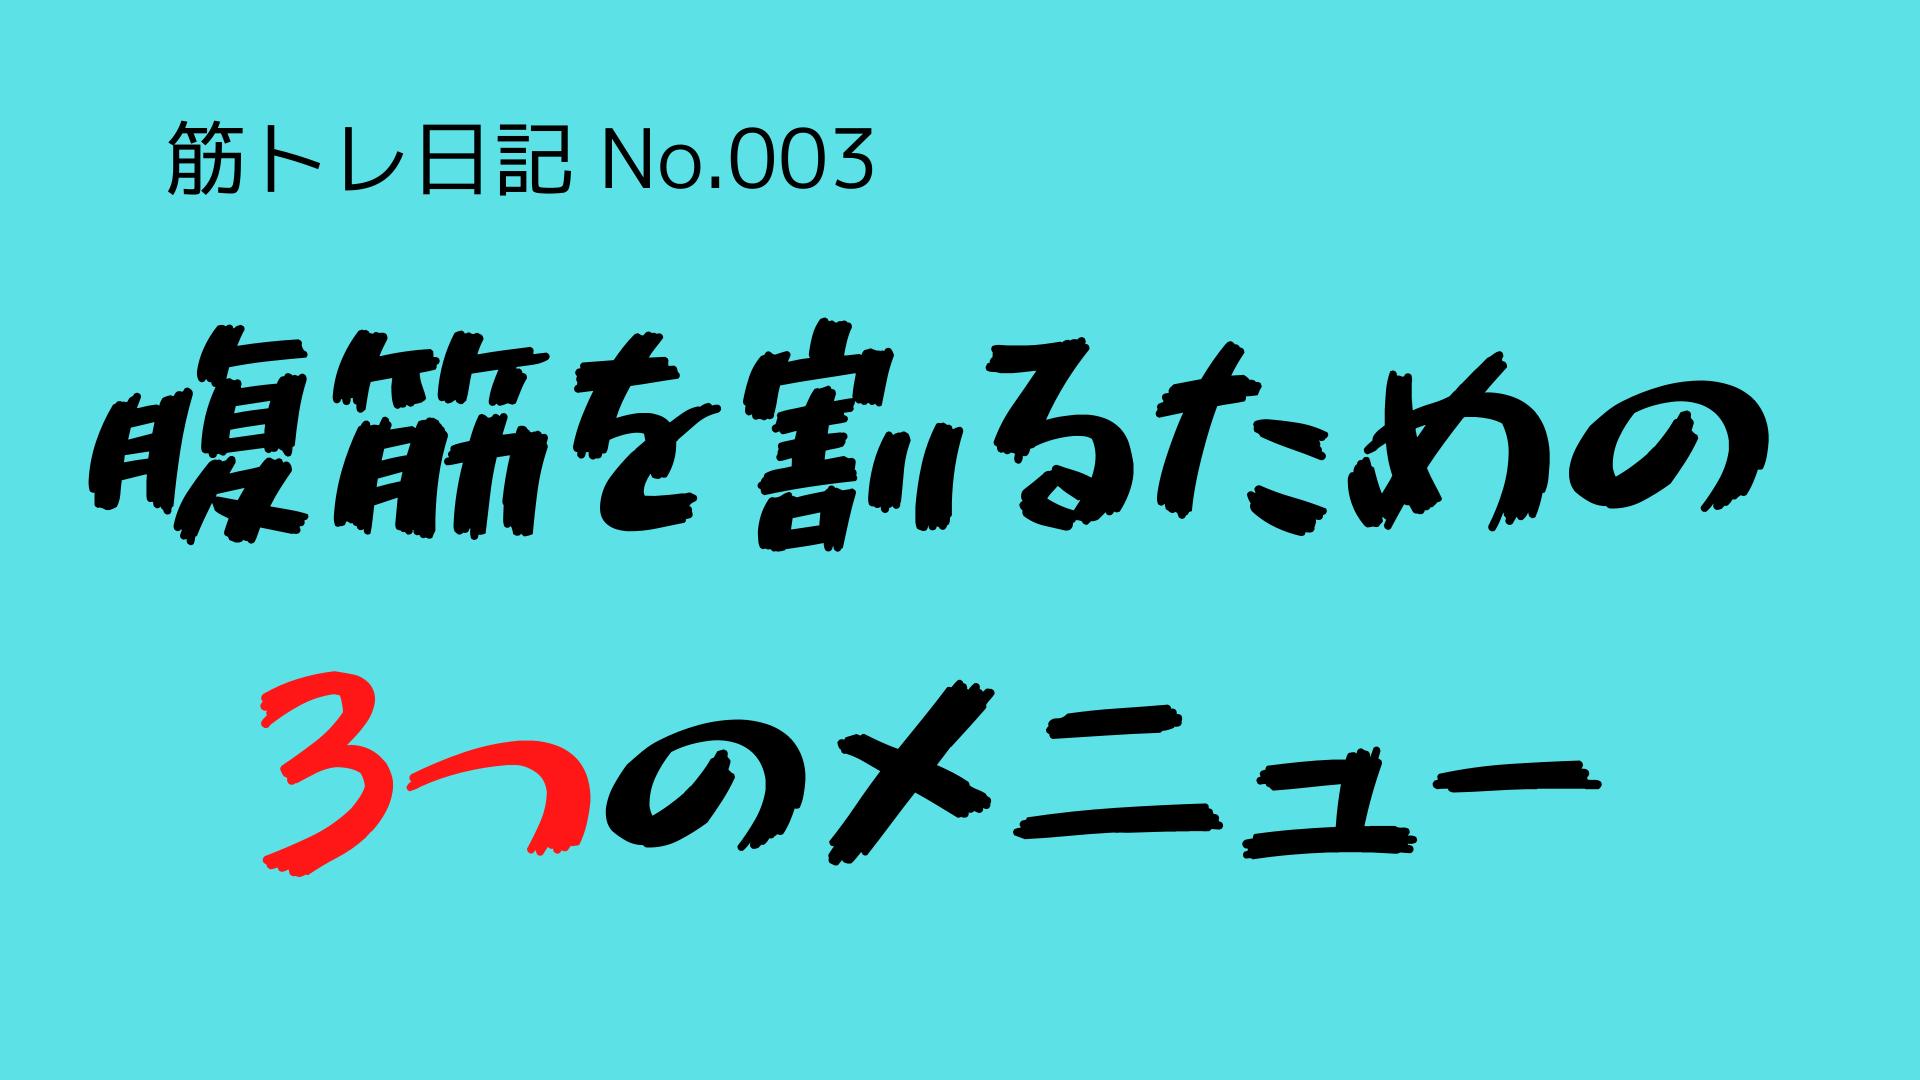 (筋トレ日記-No.003)腹筋を割るために、どんな筋トレメニューを実施するのか?